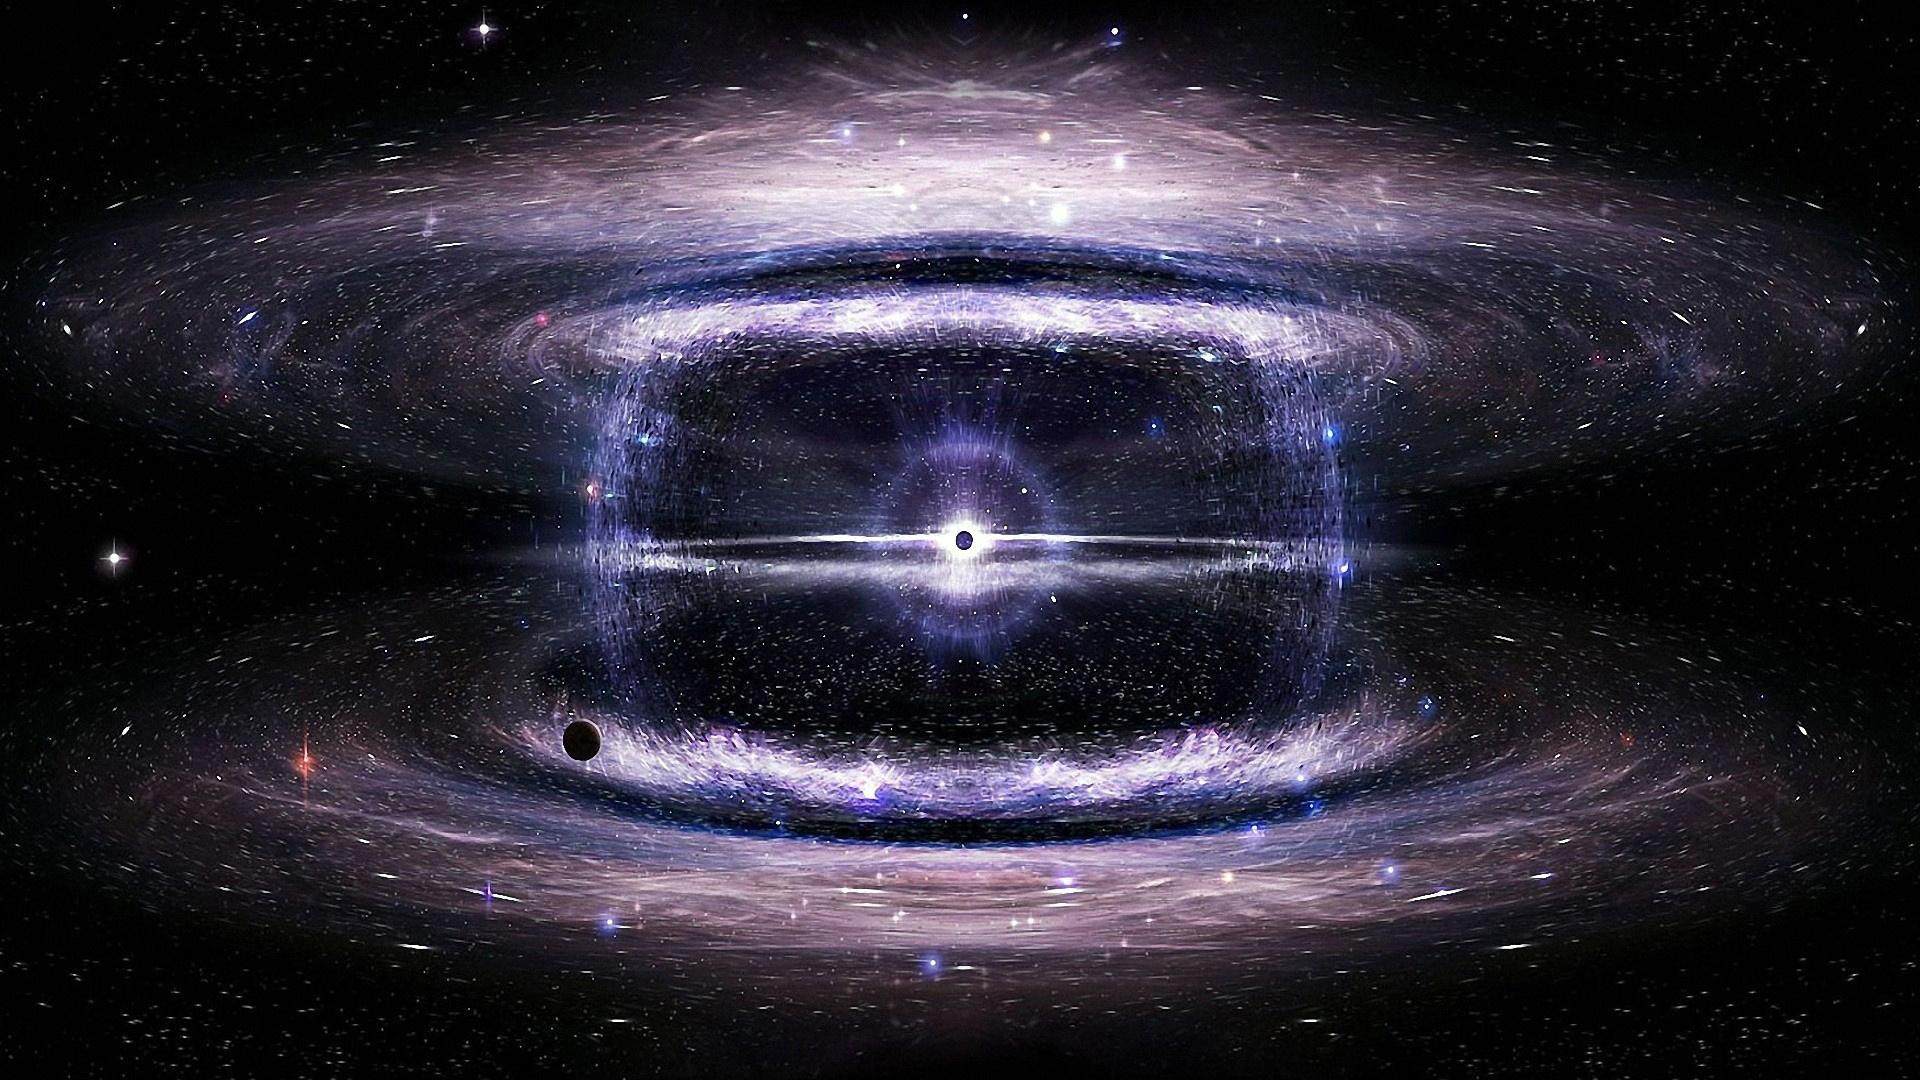 слова все галактики вселенной картинки функции могут быть